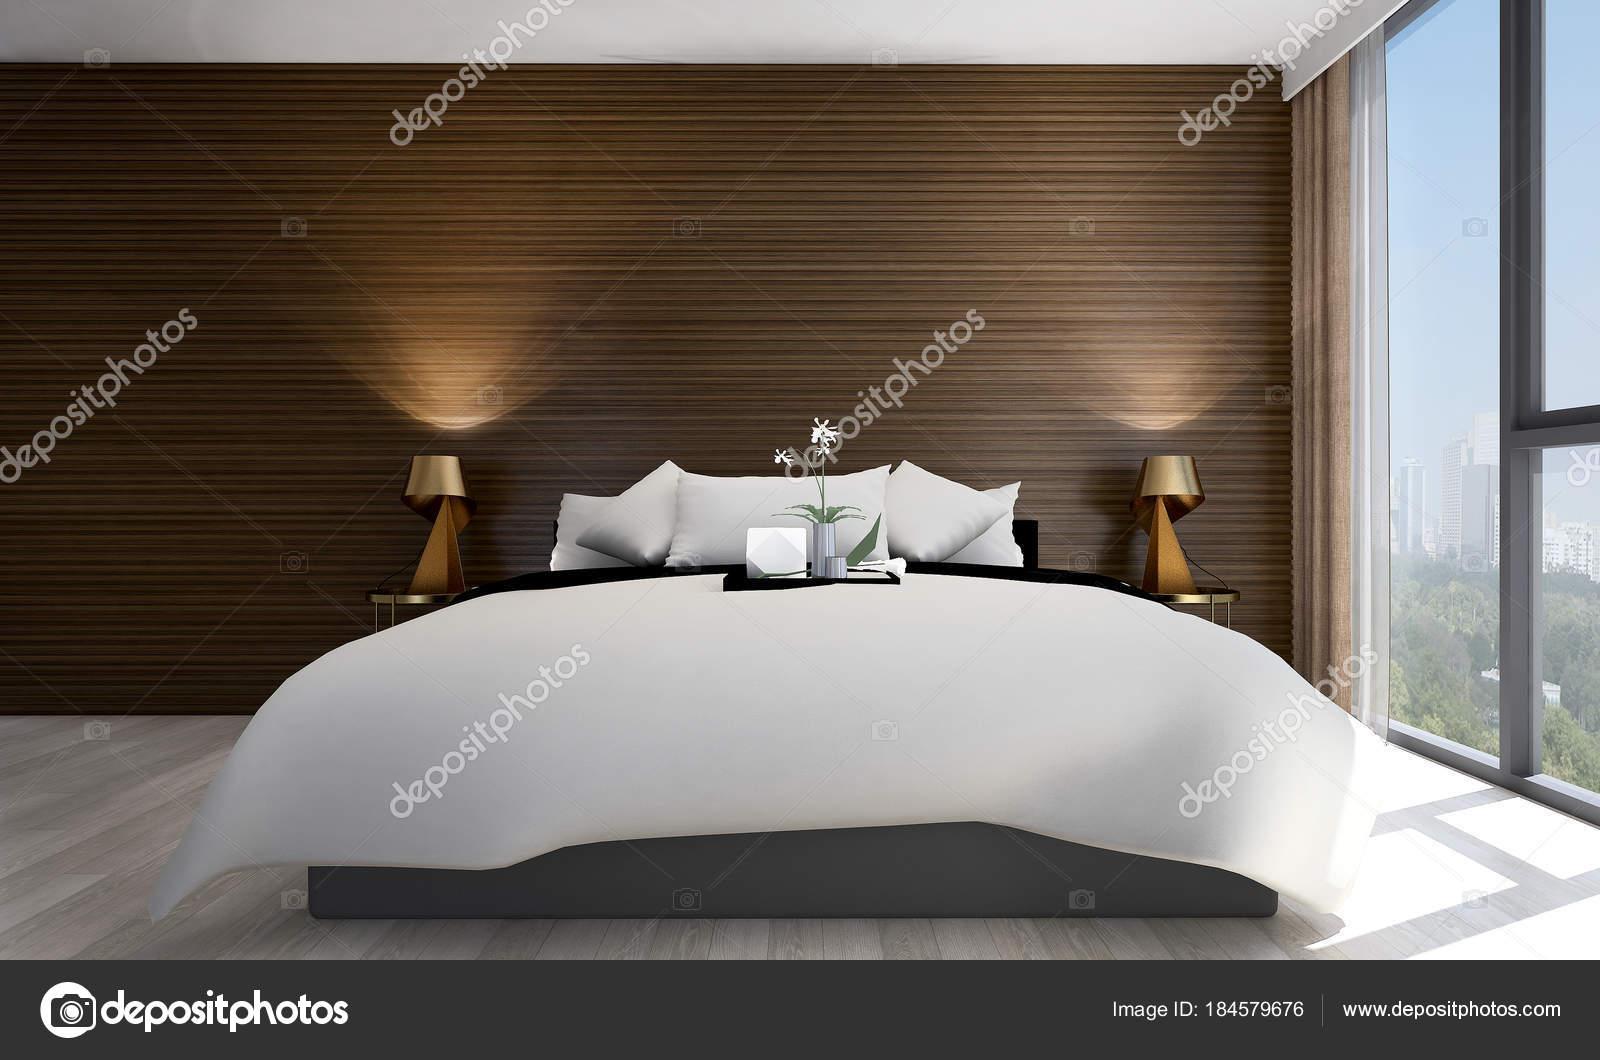 Luxus Schlafzimmer Innenarchitektur Und Holzstruktur Wand Hintergrund U2014  Stockfoto